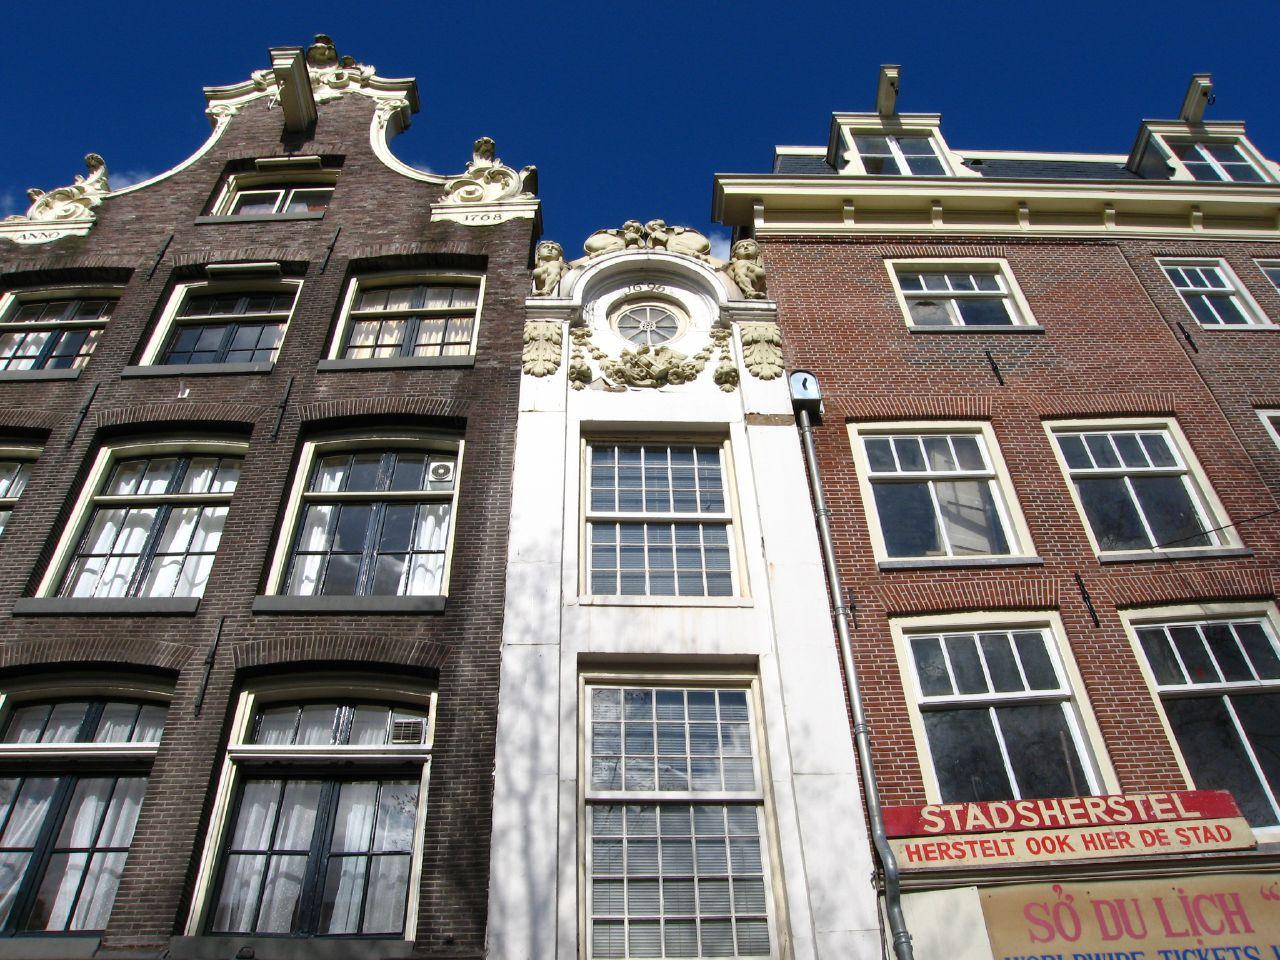 13. La casa del cochero del señor Tripp, la más estrecha de Ámsterdam. Justo en frente de la anterior. Autor, HenkLiu